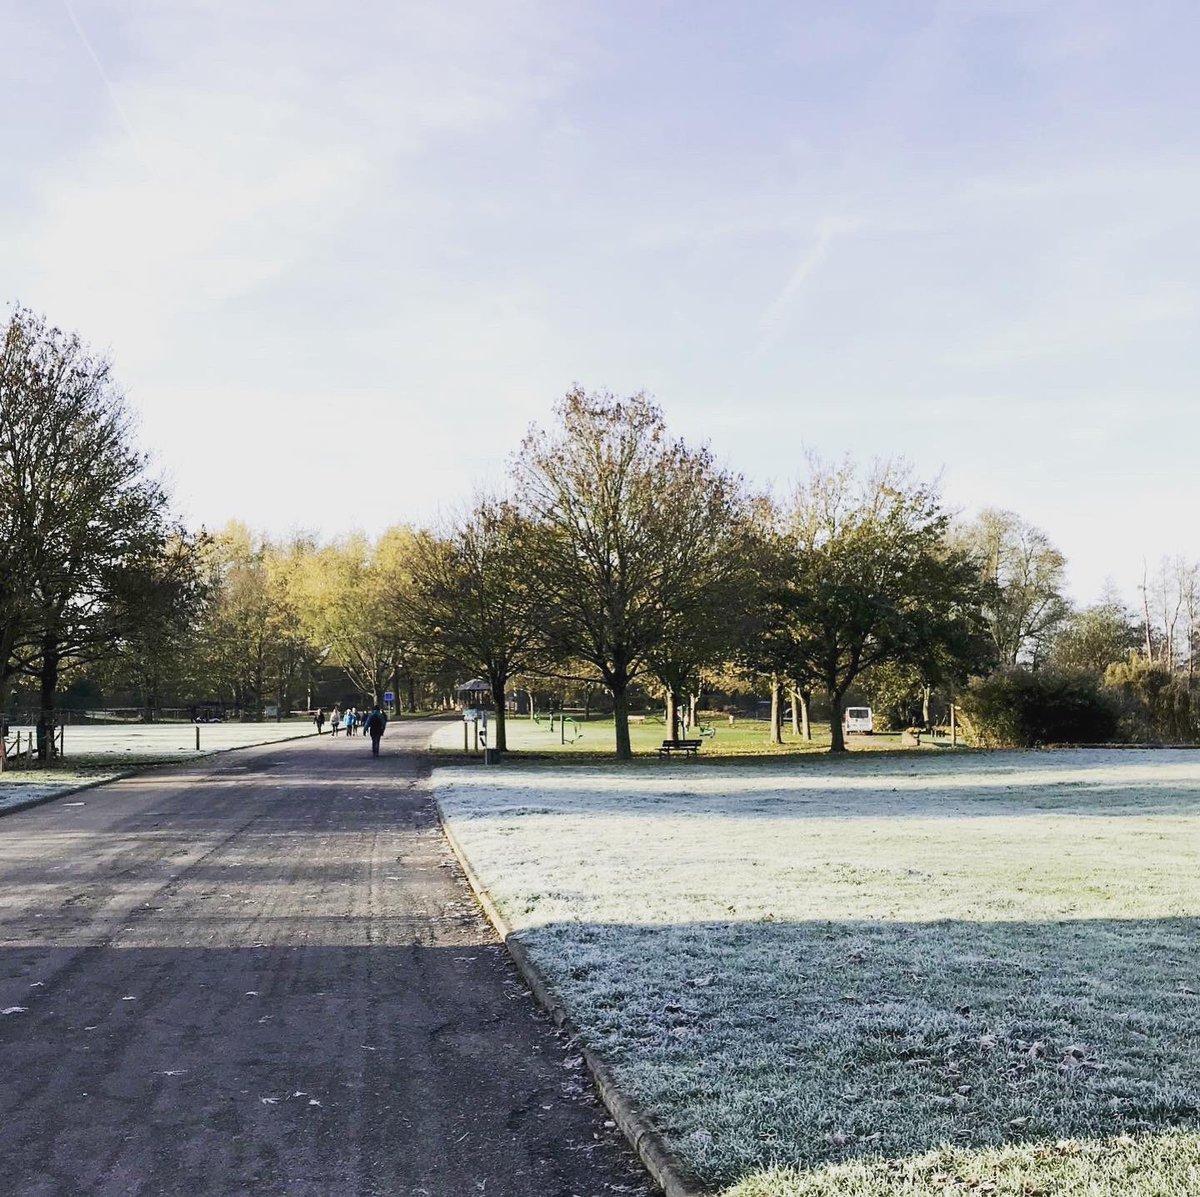 Ce matin au Parc d'Isle nous avons pu contempler les 1ères gelées de la saison ❄️ https://t.co/S8tqZD6eTx